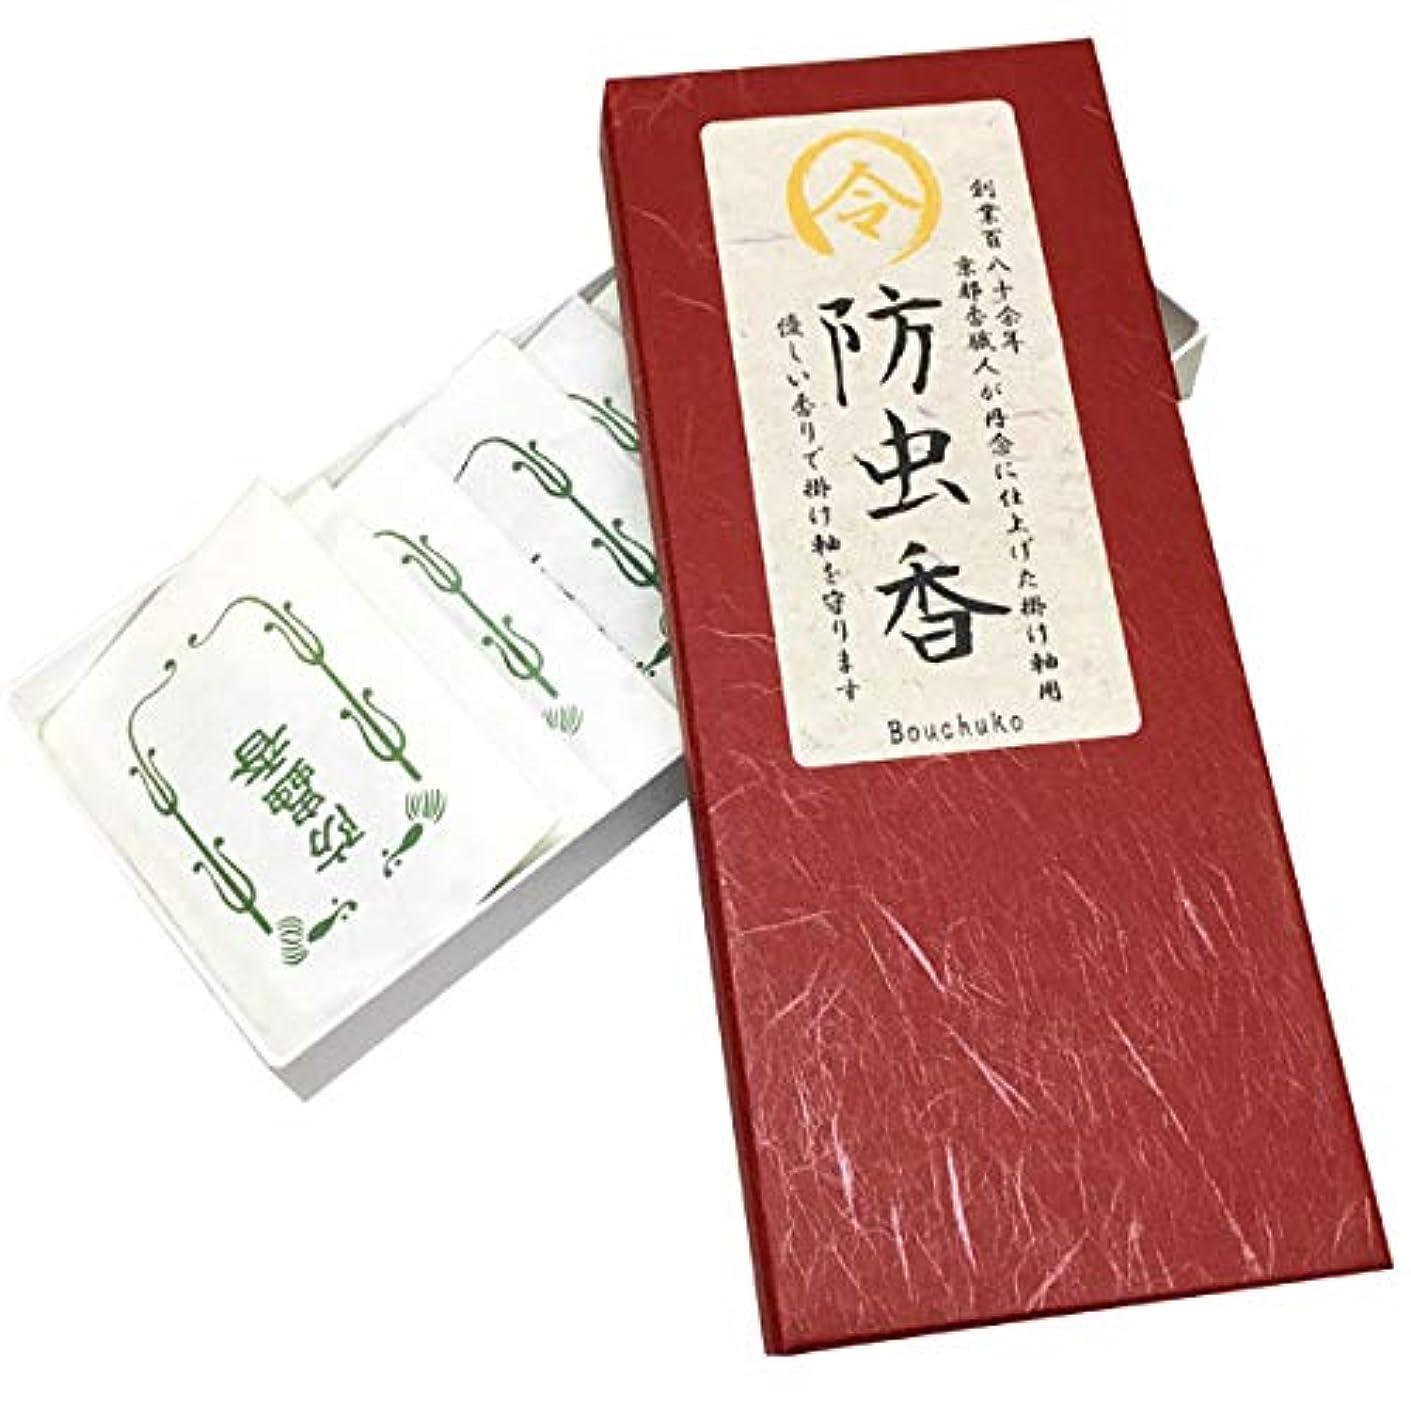 クレタ入場料覚醒掛け軸用 表具用 高級香 令和印の掛軸防虫香 1箱10袋入り